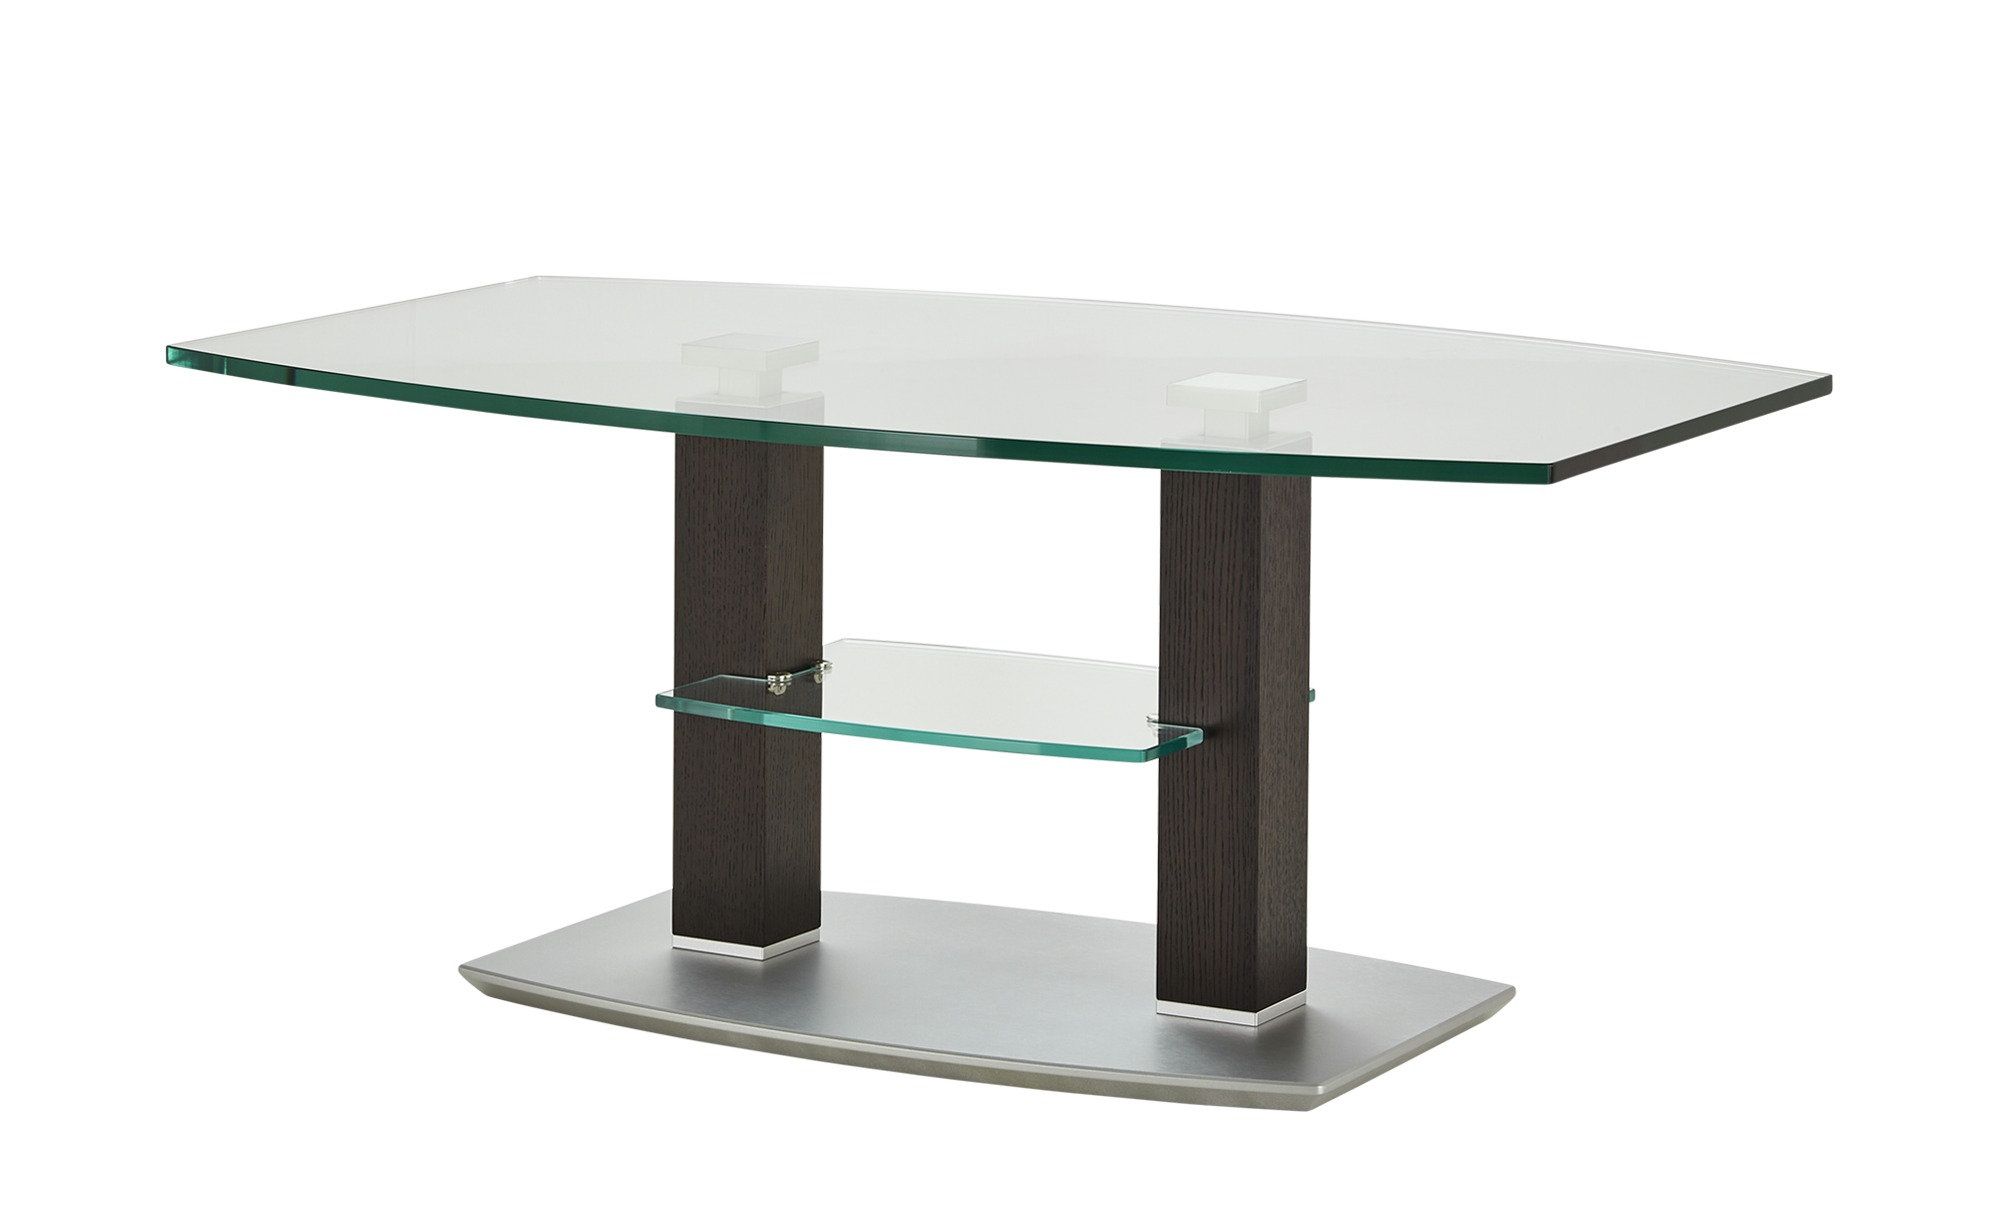 Couchtisch  Rimini Deluxe ¦ Maße (cm): B: 70 H: 46 T: 70 Tische > Couchtische > Couchtische höhenverstellbar - Höffner